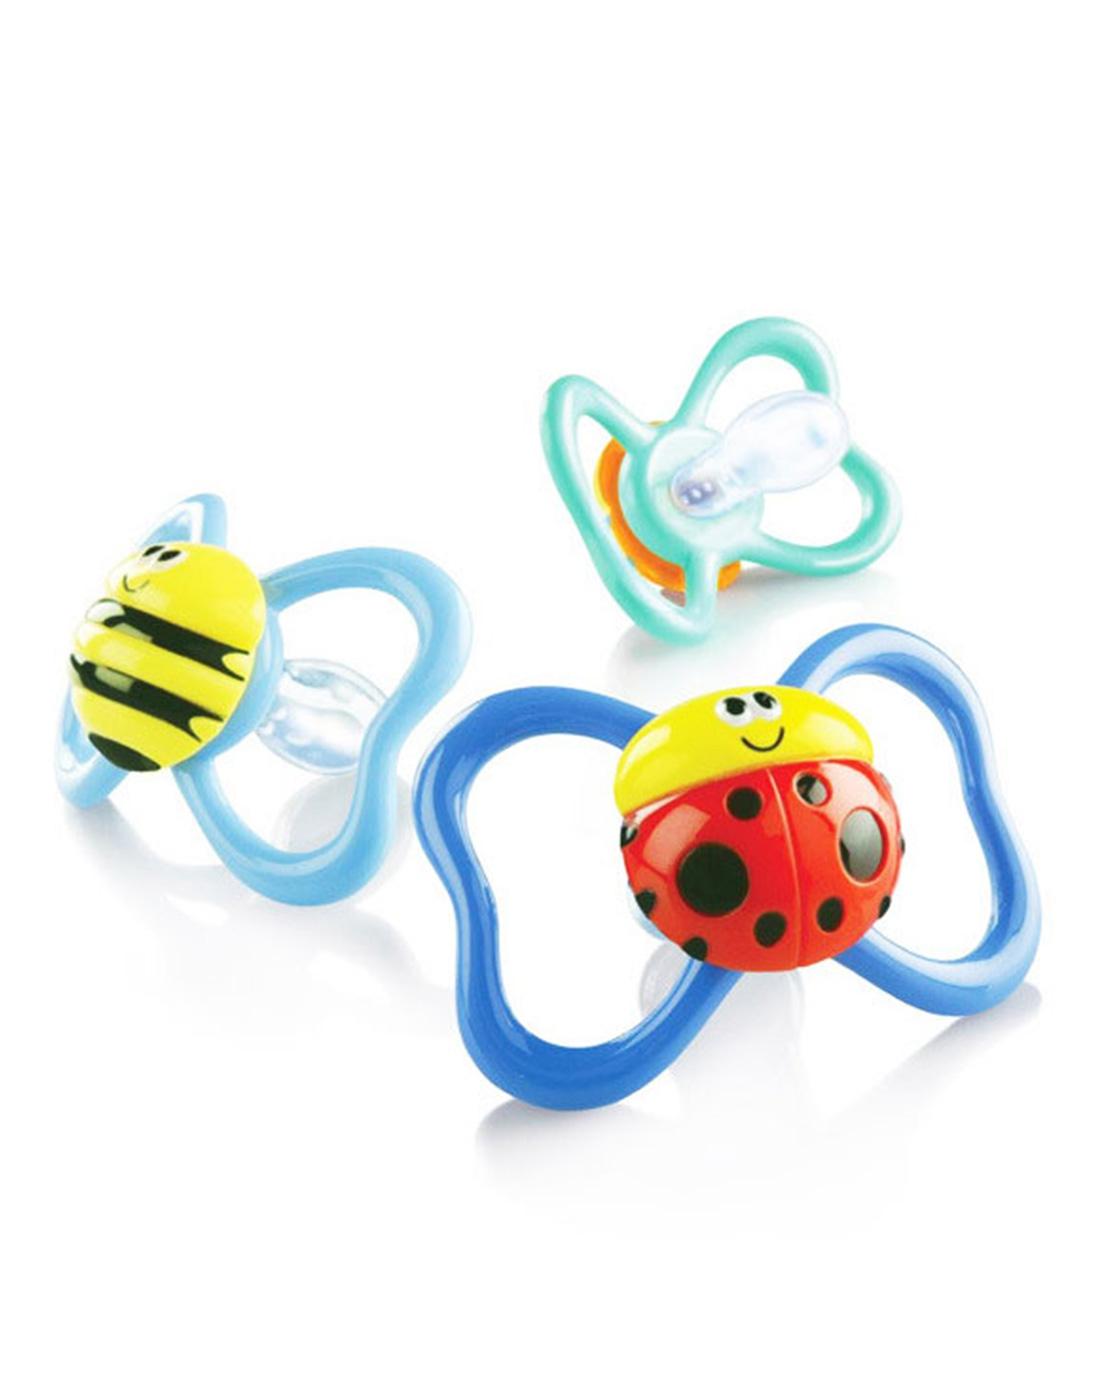 黄色小鸭&努比&宝贝可爱婴童用品nuby 安抚奶嘴可爱